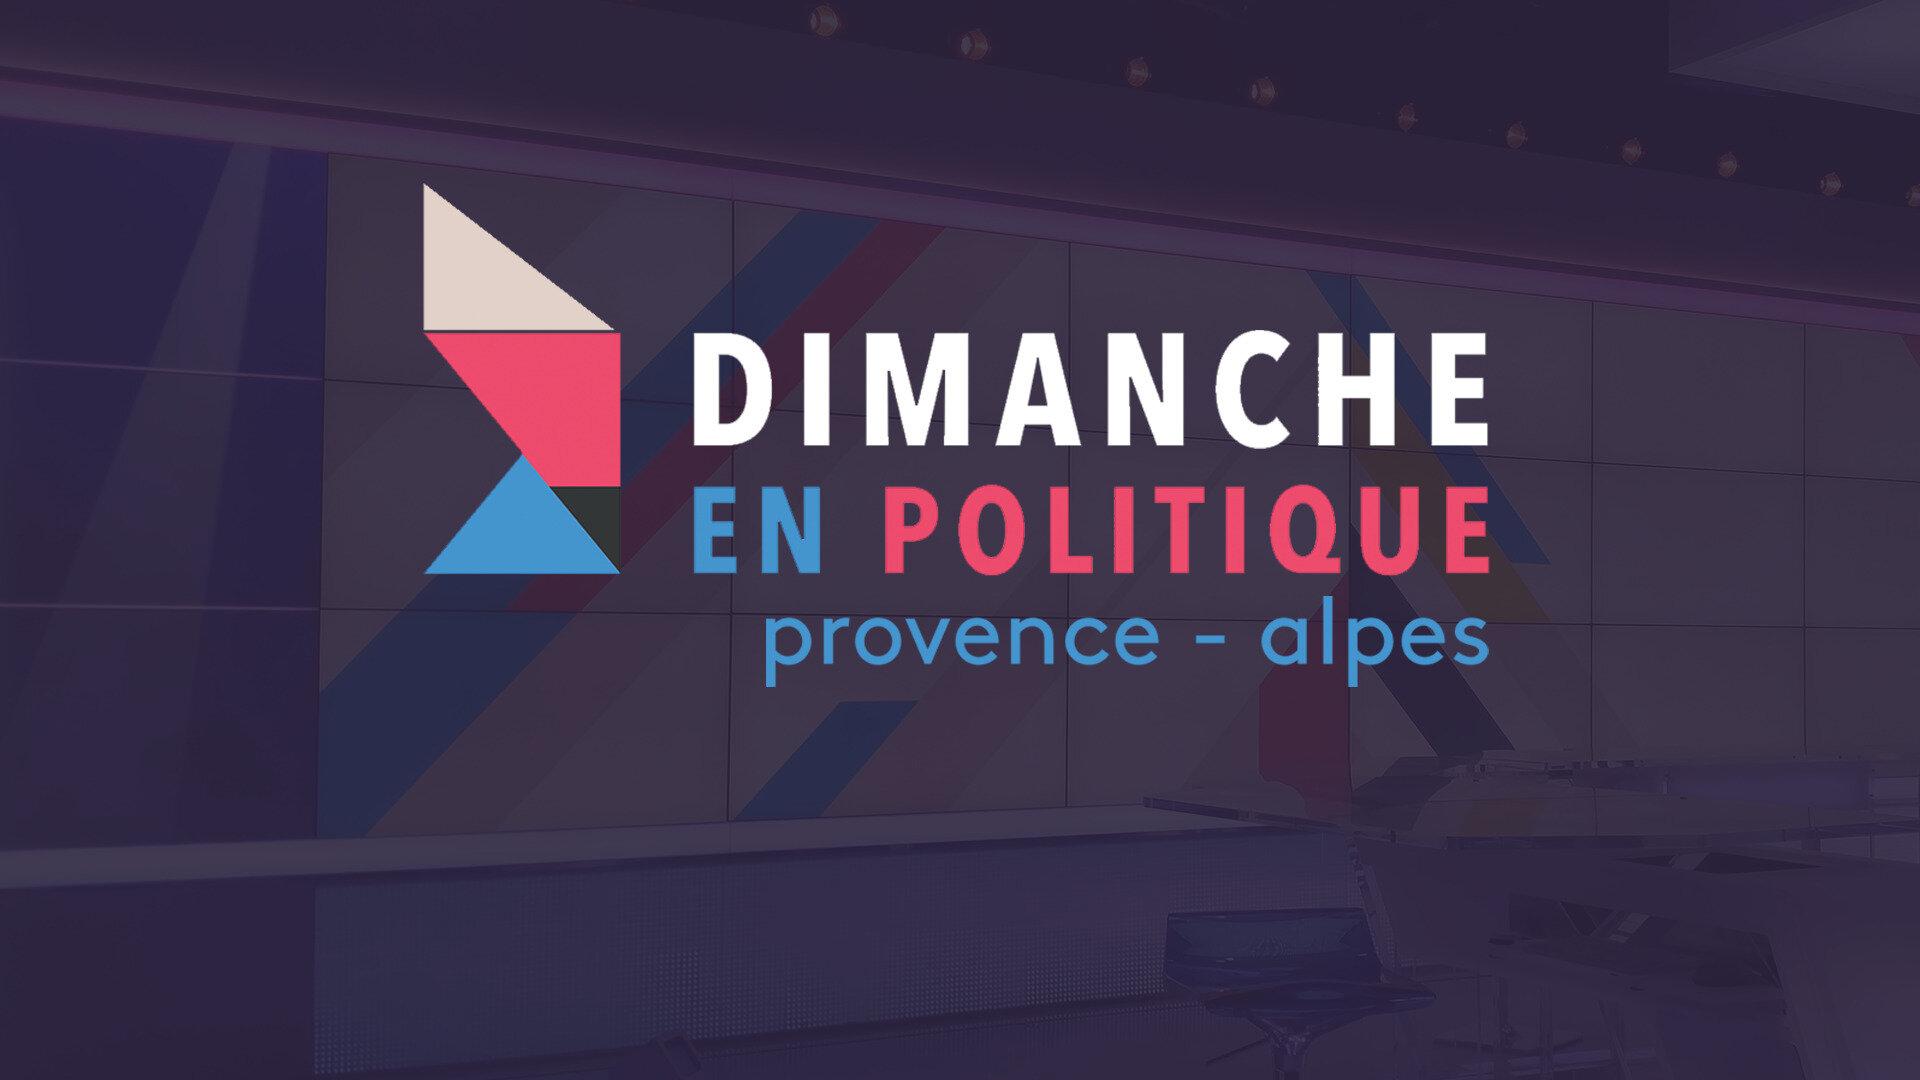 Dimanche en politique - Provence-Alpes